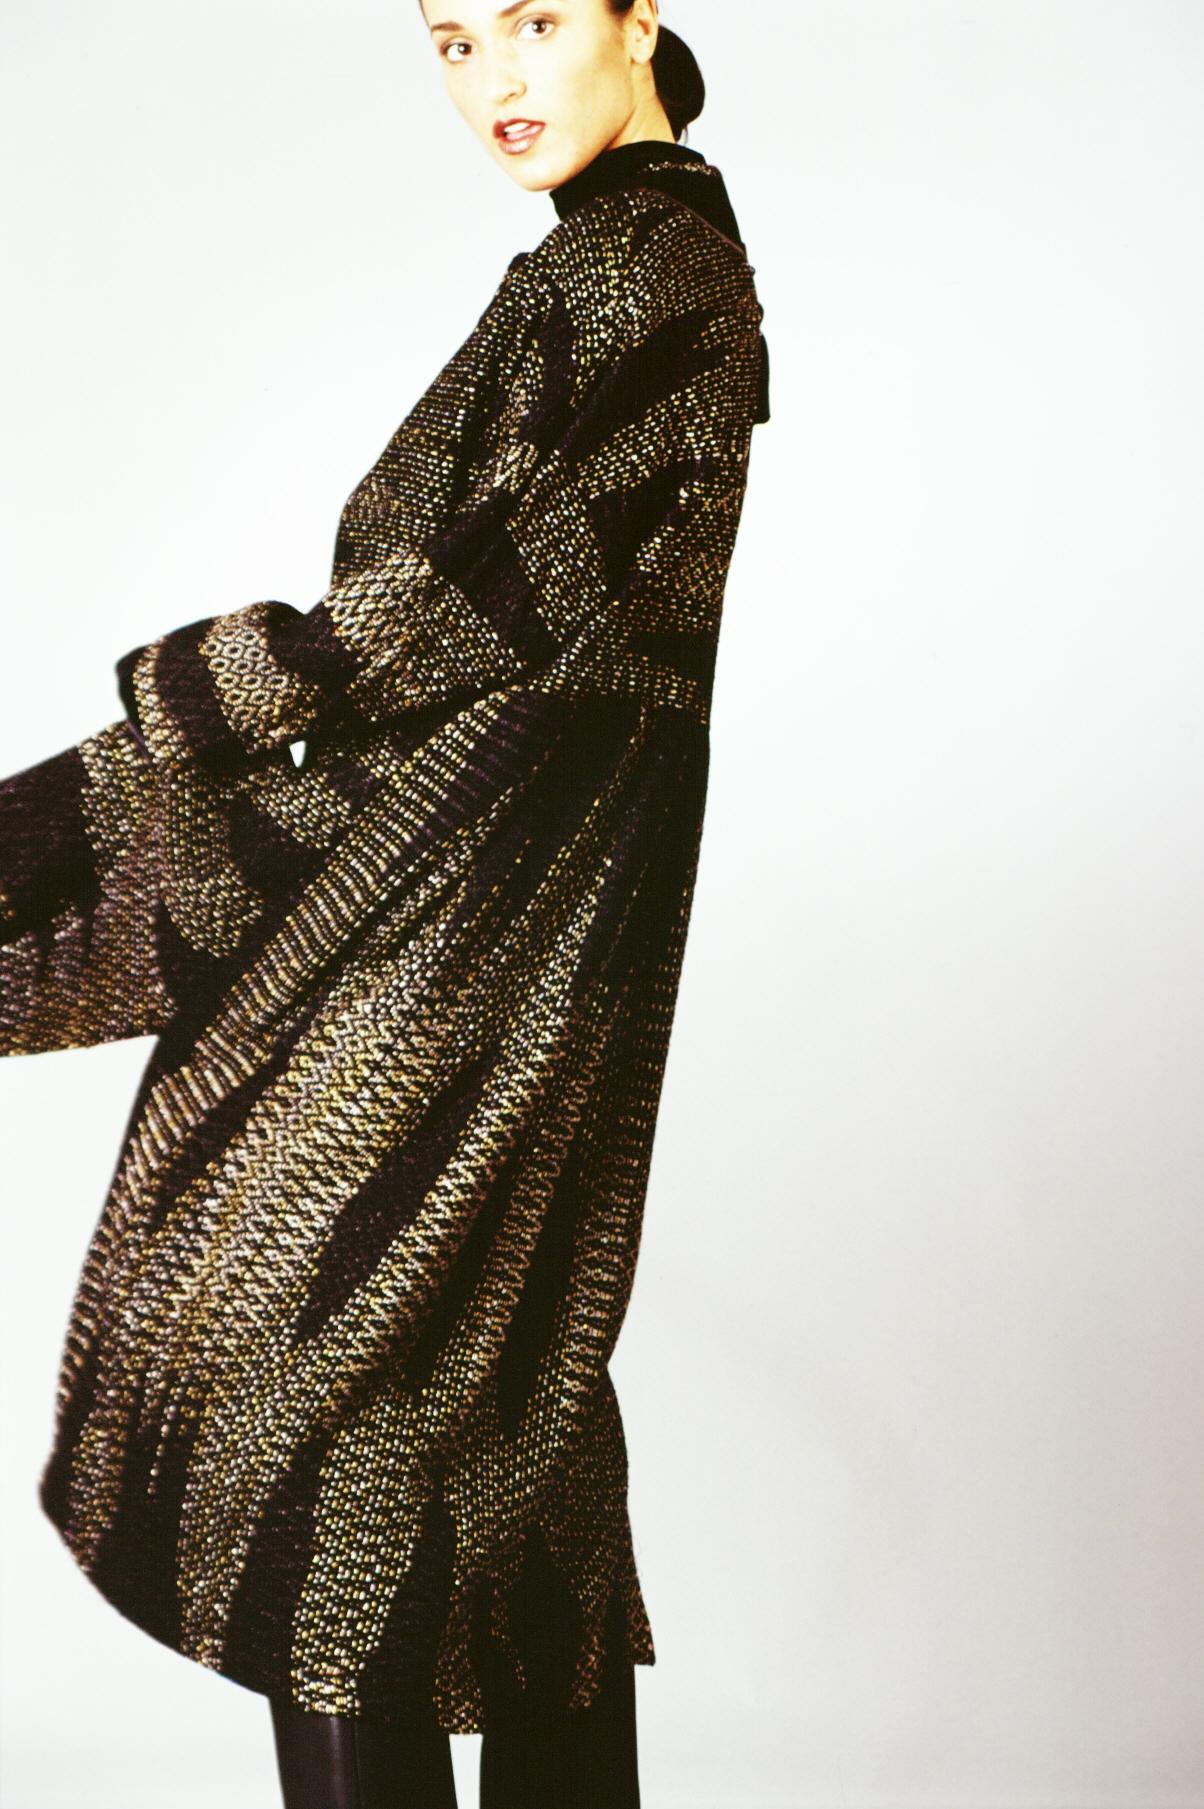 Handwoven Coat, Business Apparel, Kathleen Weir-West 2.JPG